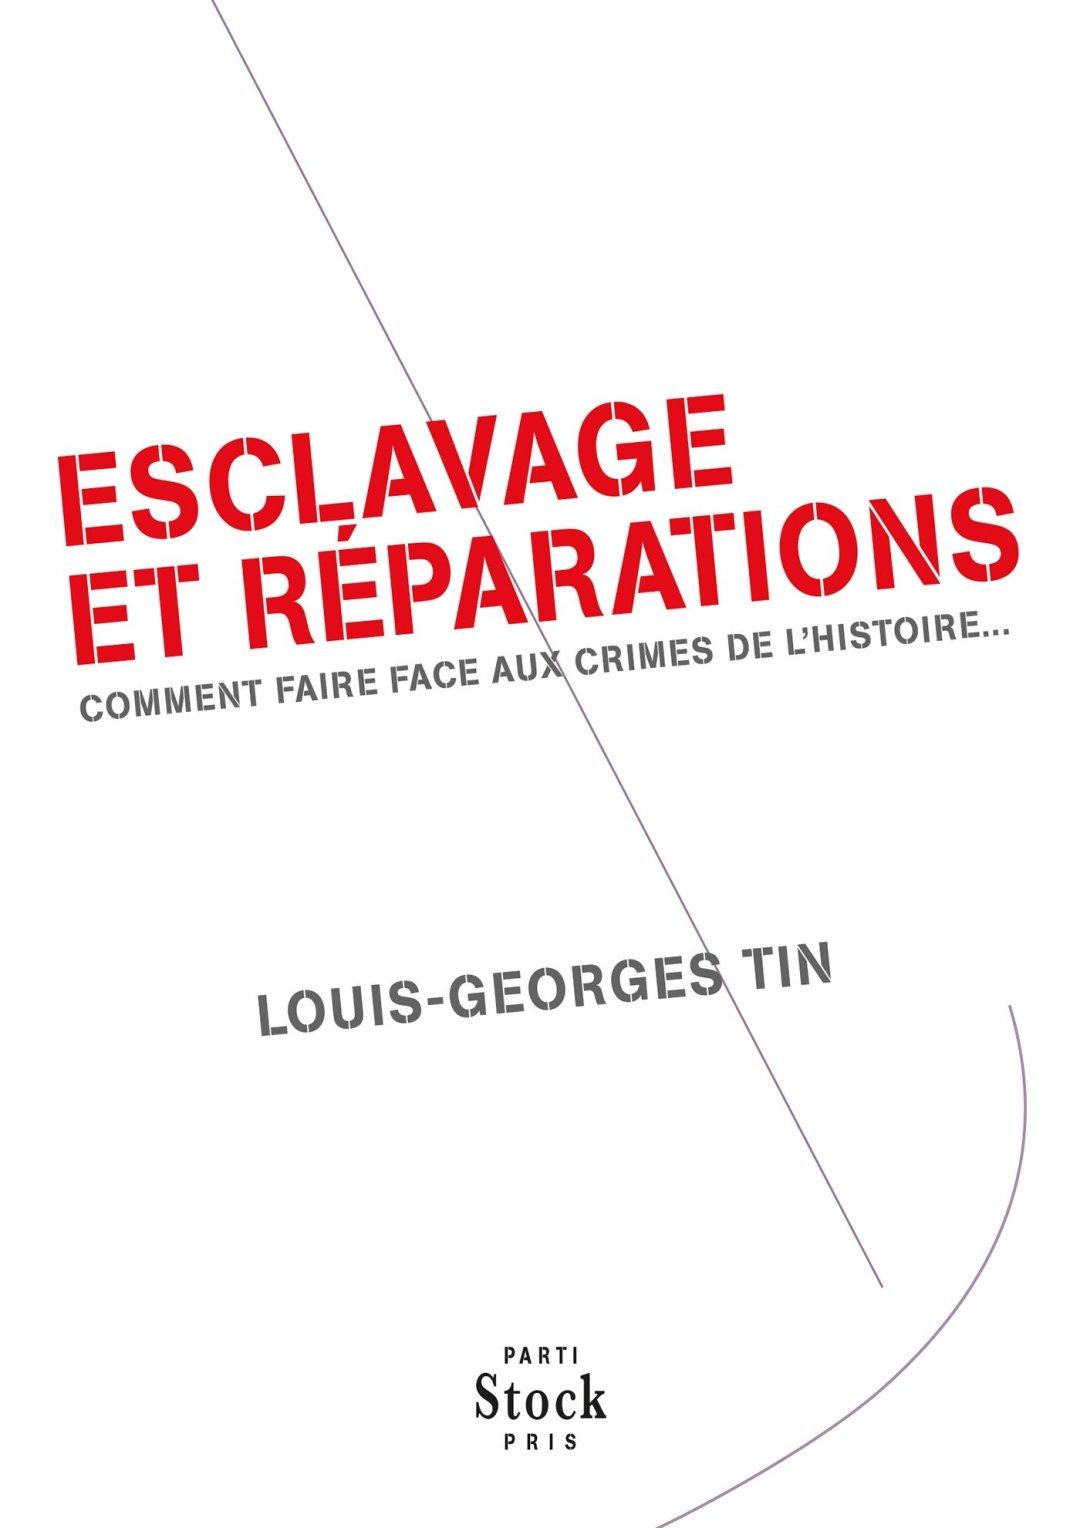 Couverture du livre Esclavage et Réparations de Louis Georges Tin